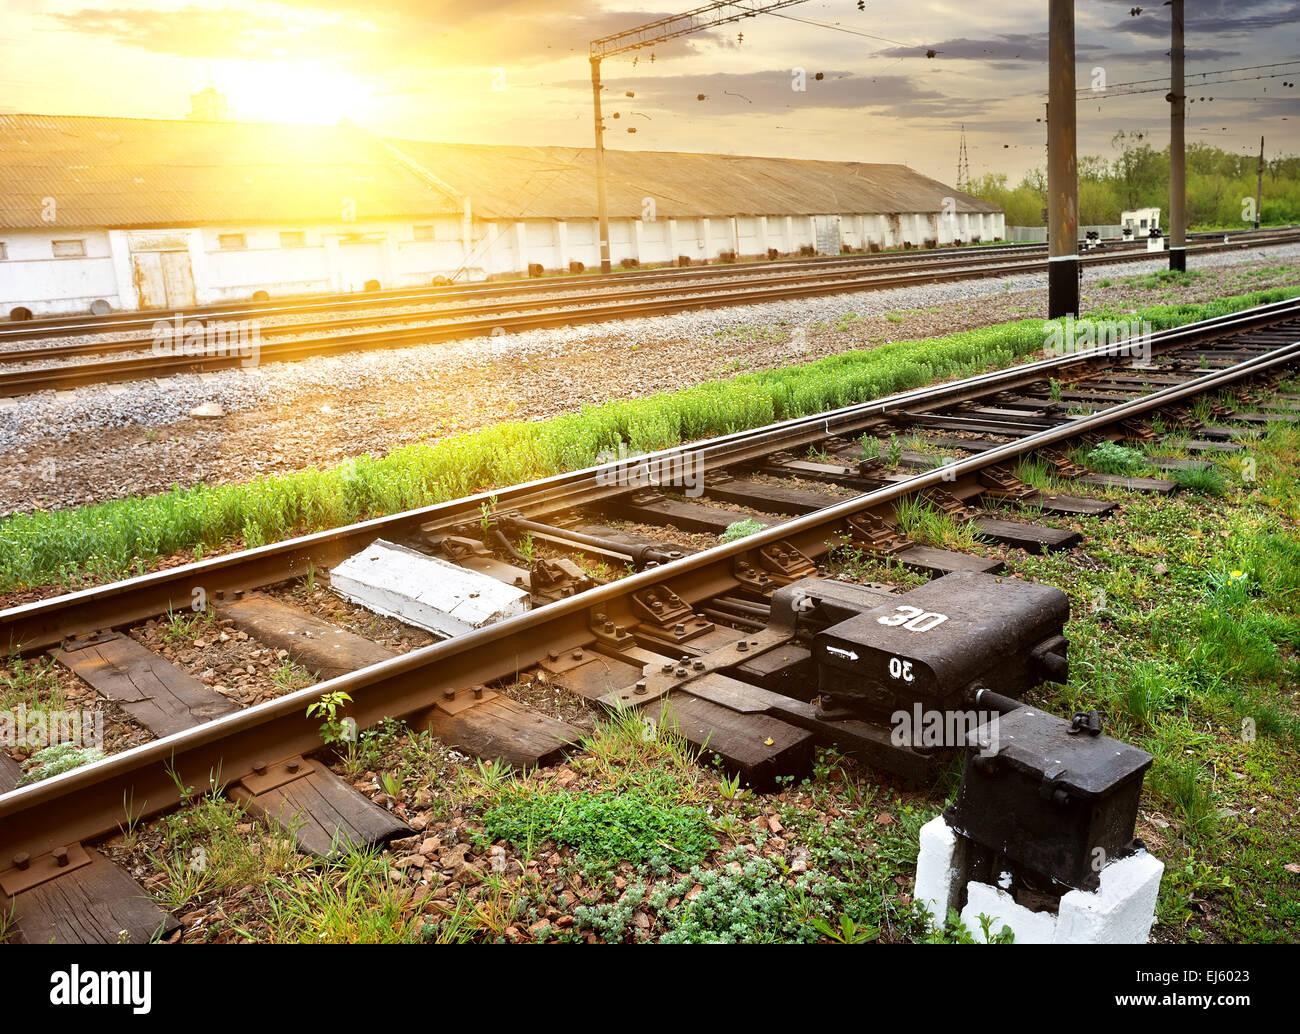 Grüner Rasen in der Nähe von Schienen entlang industrielle Bahnhof Stockbild